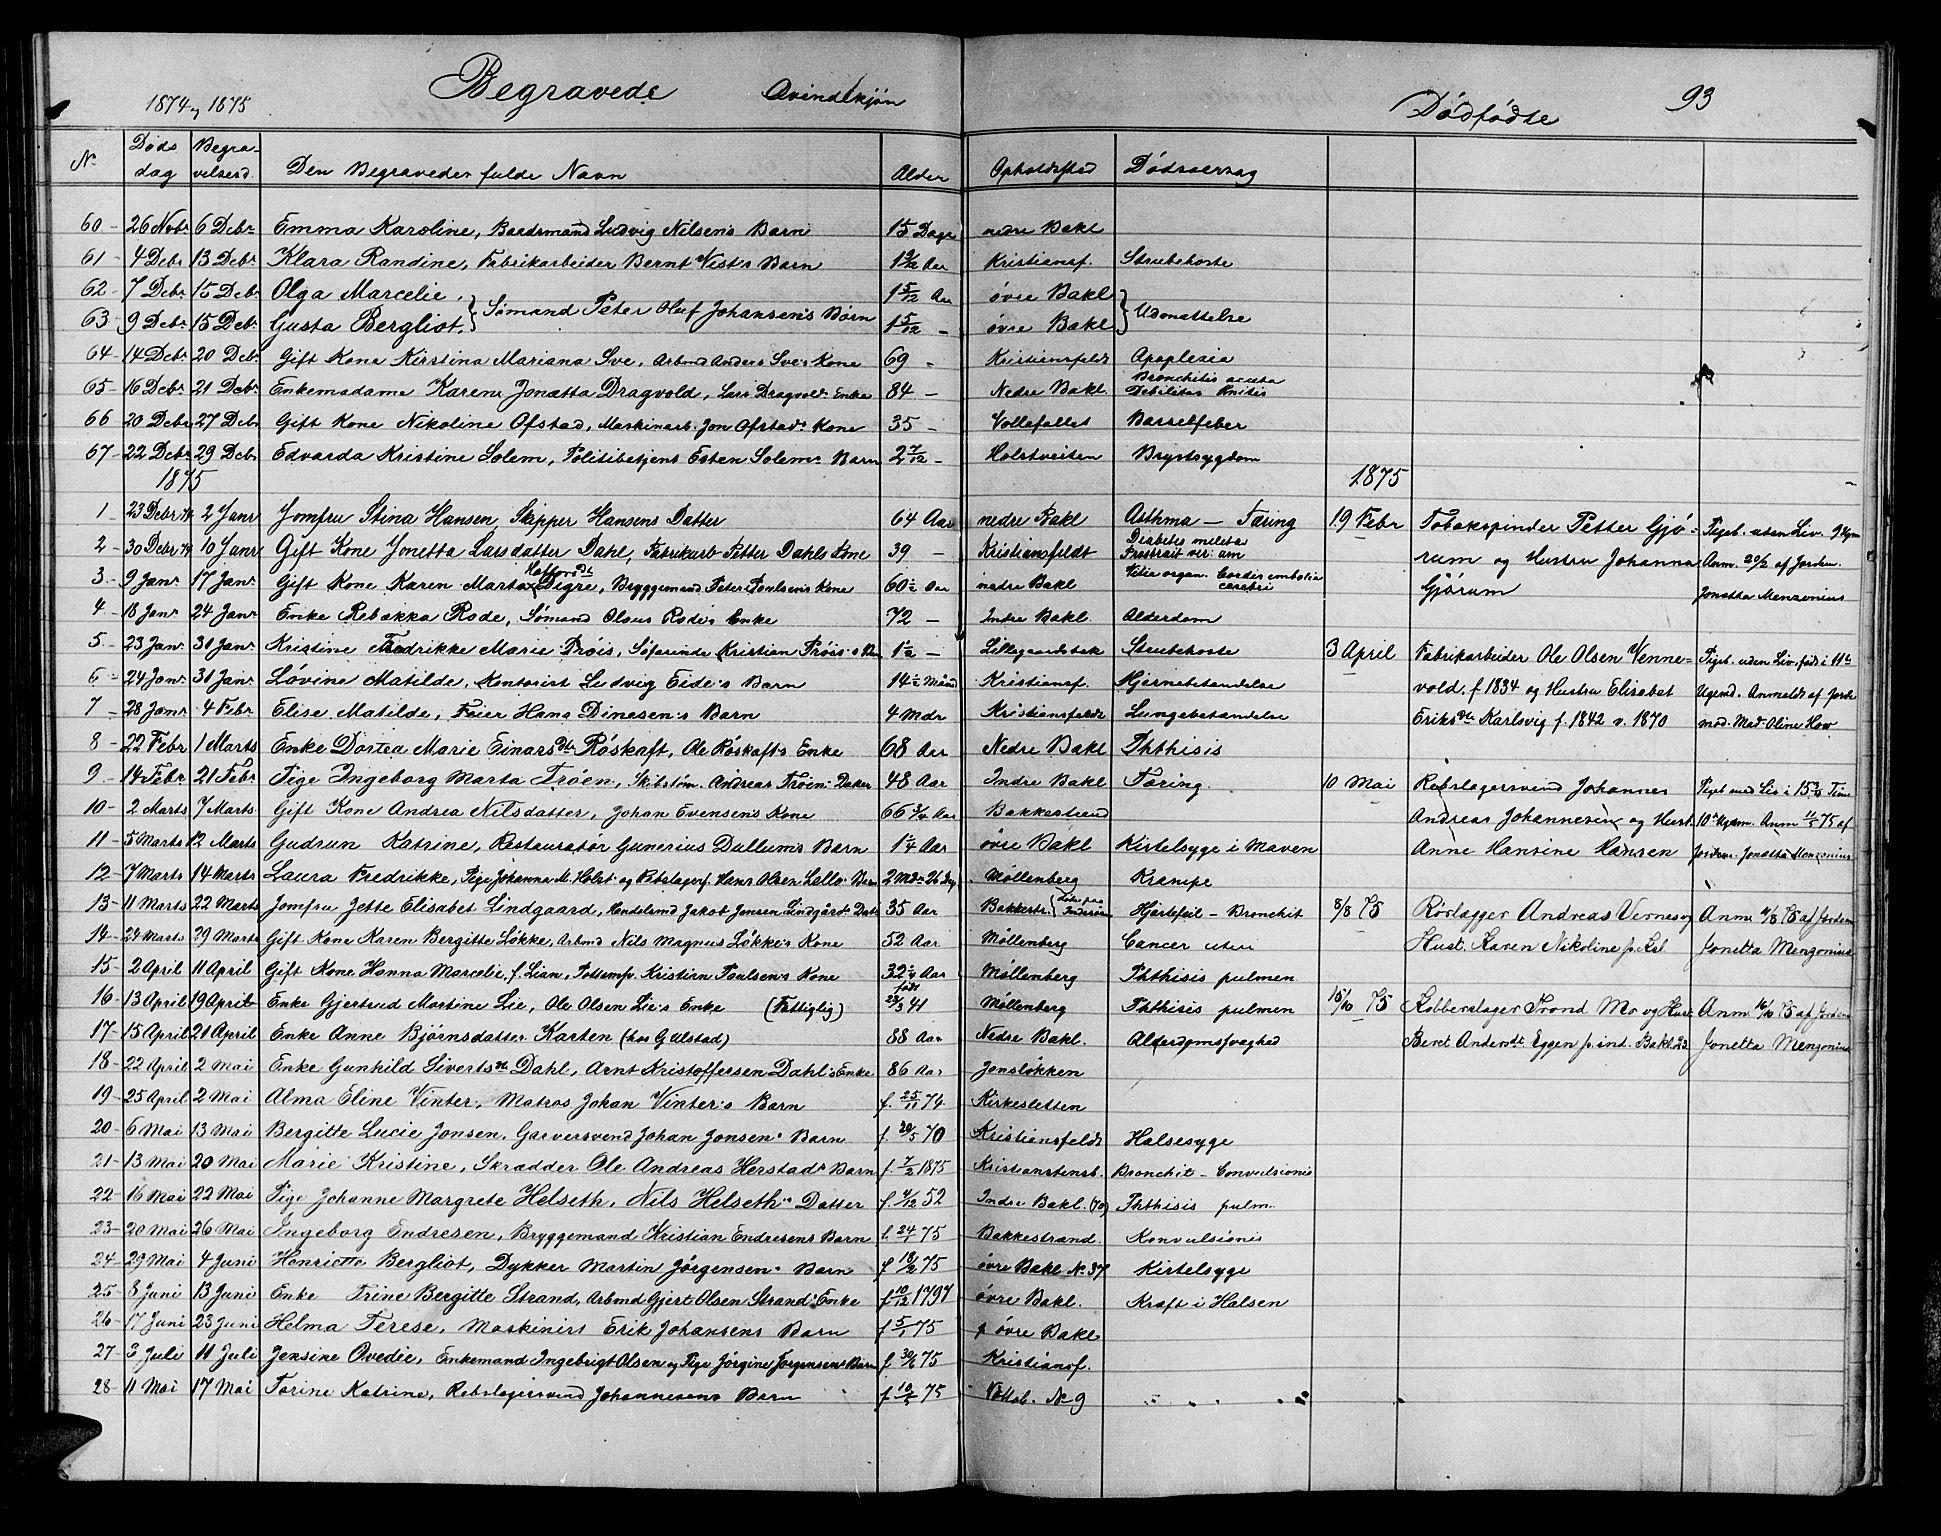 SAT, Ministerialprotokoller, klokkerbøker og fødselsregistre - Sør-Trøndelag, 604/L0221: Klokkerbok nr. 604C04, 1870-1885, s. 93